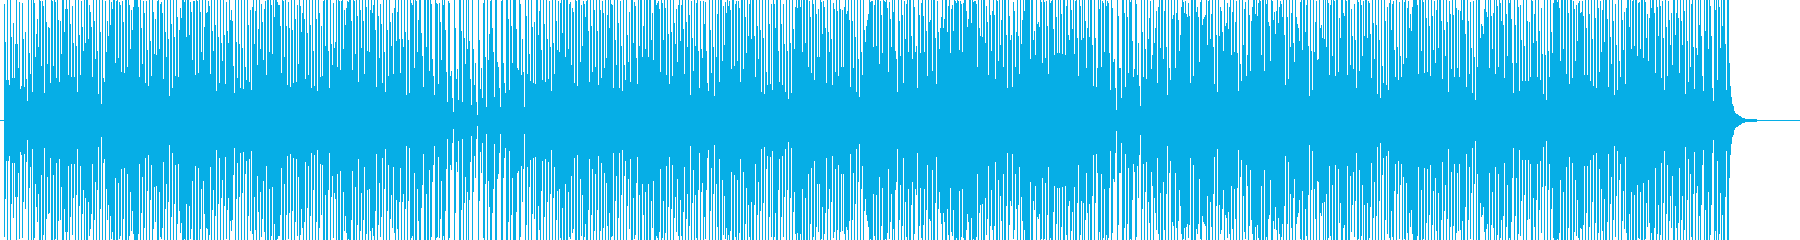 ピアノとウクレレ♬のキュートポップ-動画の再生済みの波形